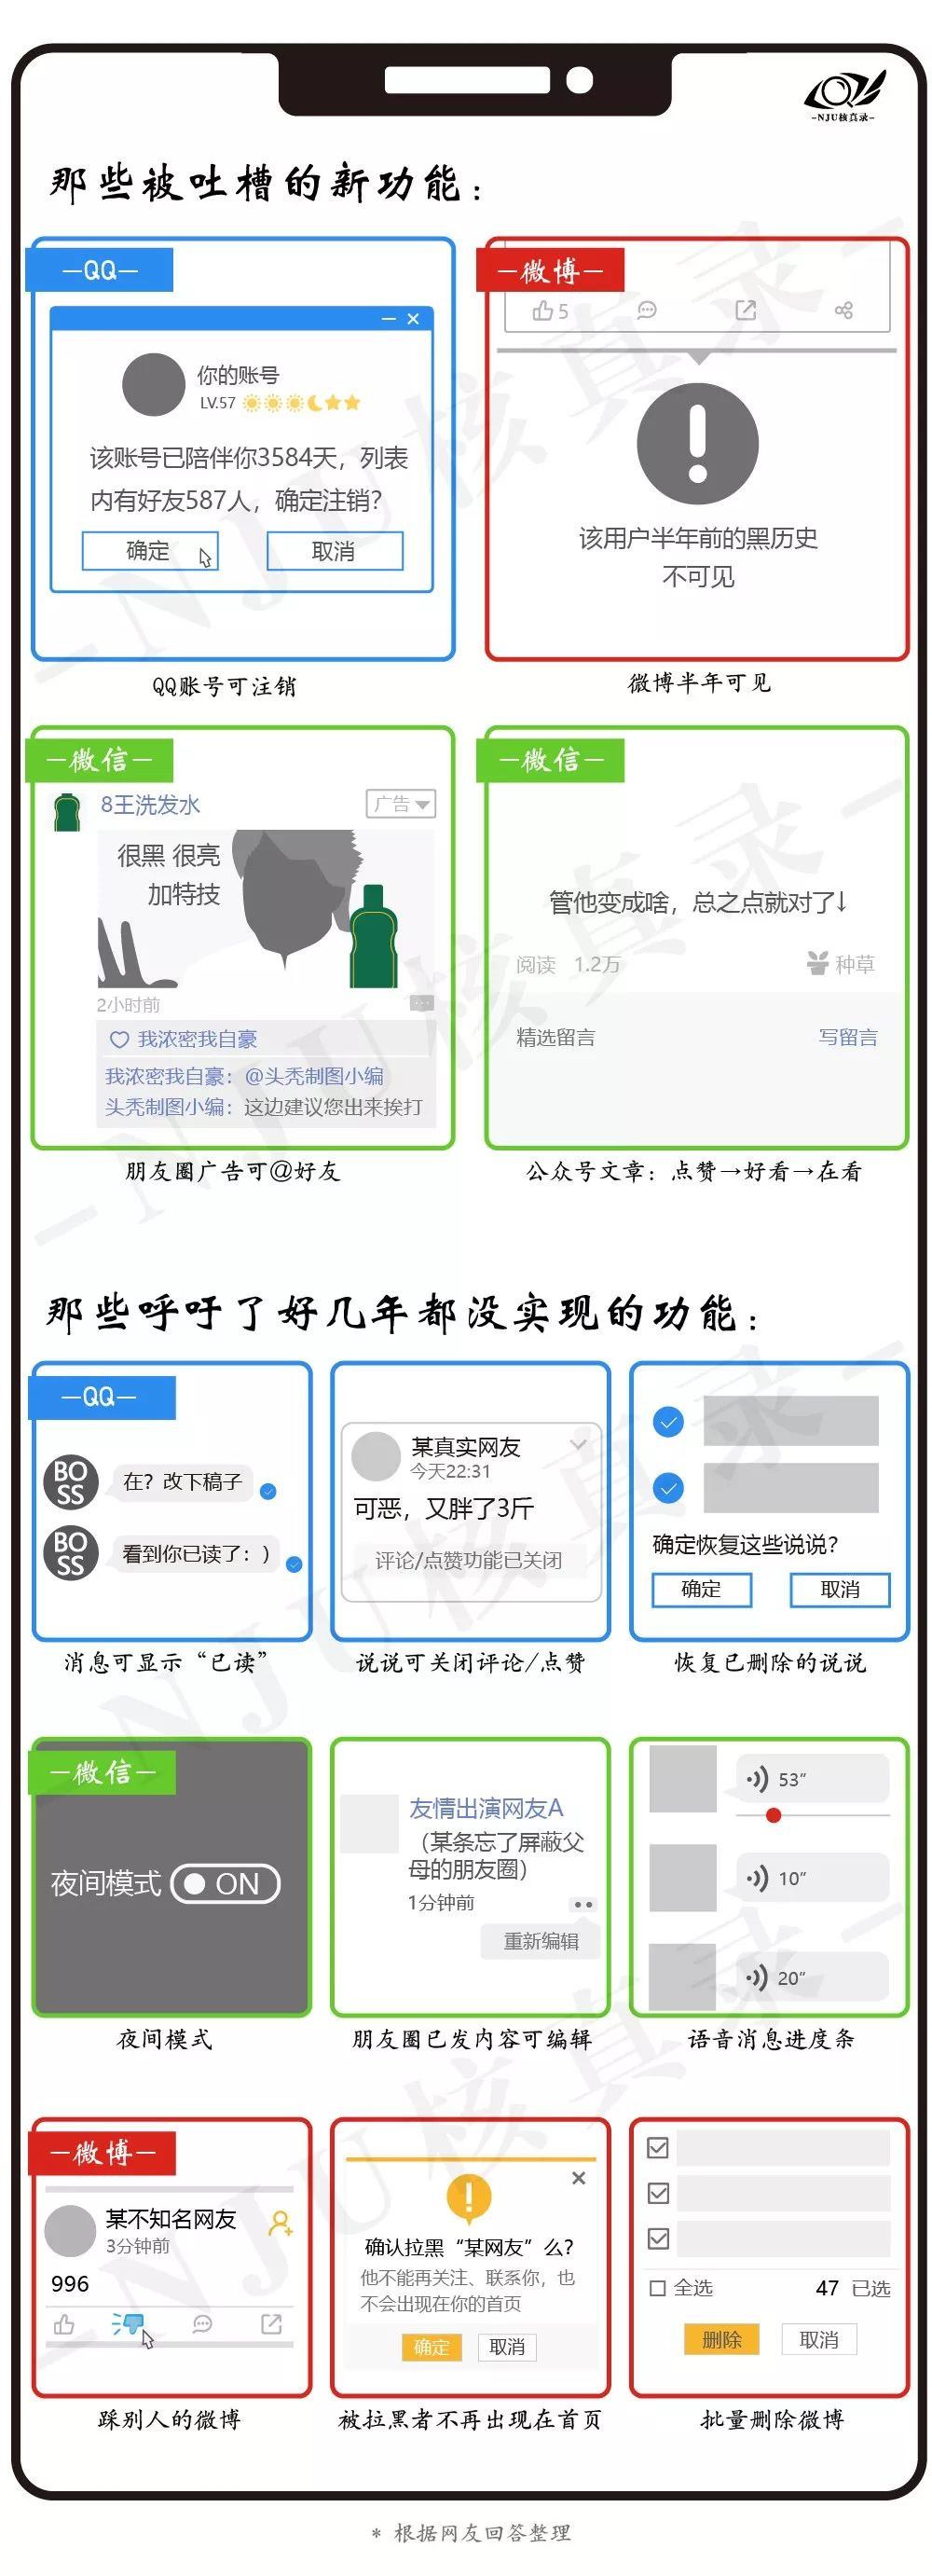 """QQ、微信和微博:90%的更新都是在""""炒冷饭"""""""